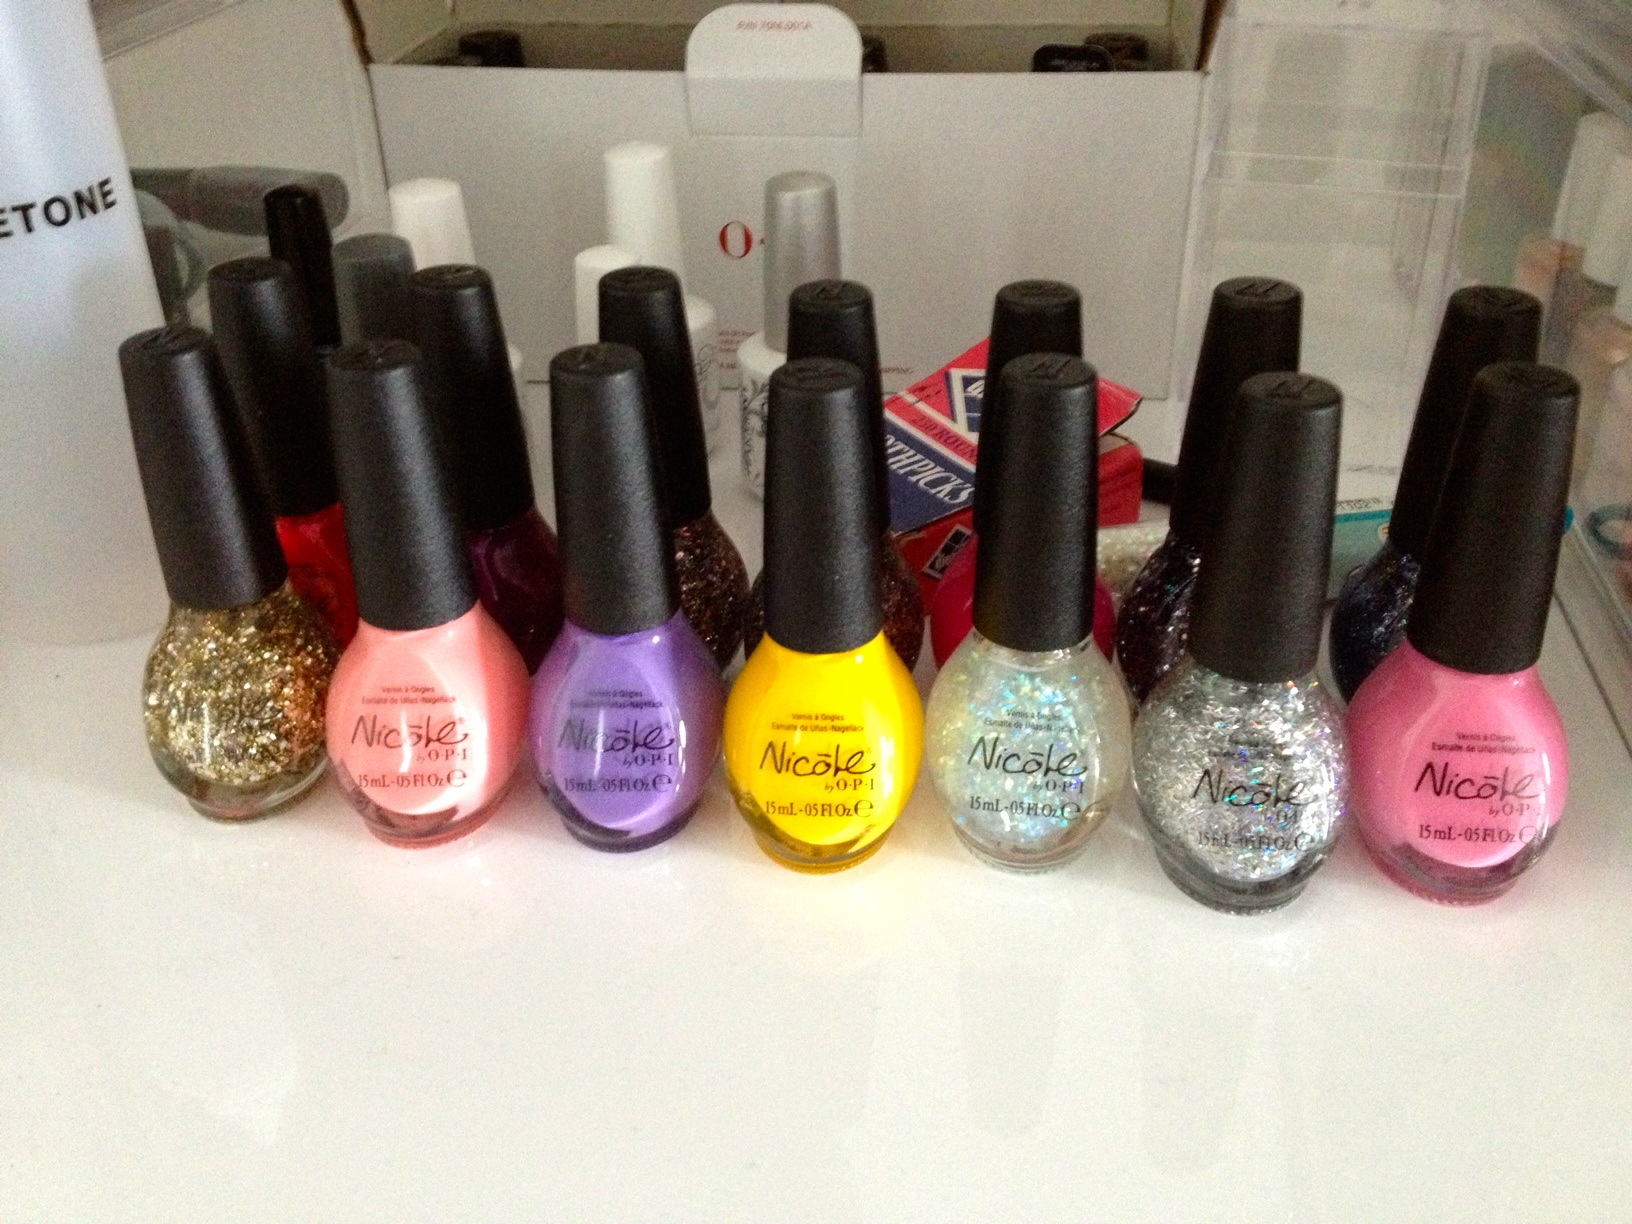 Selena Gomez Collection, row one.